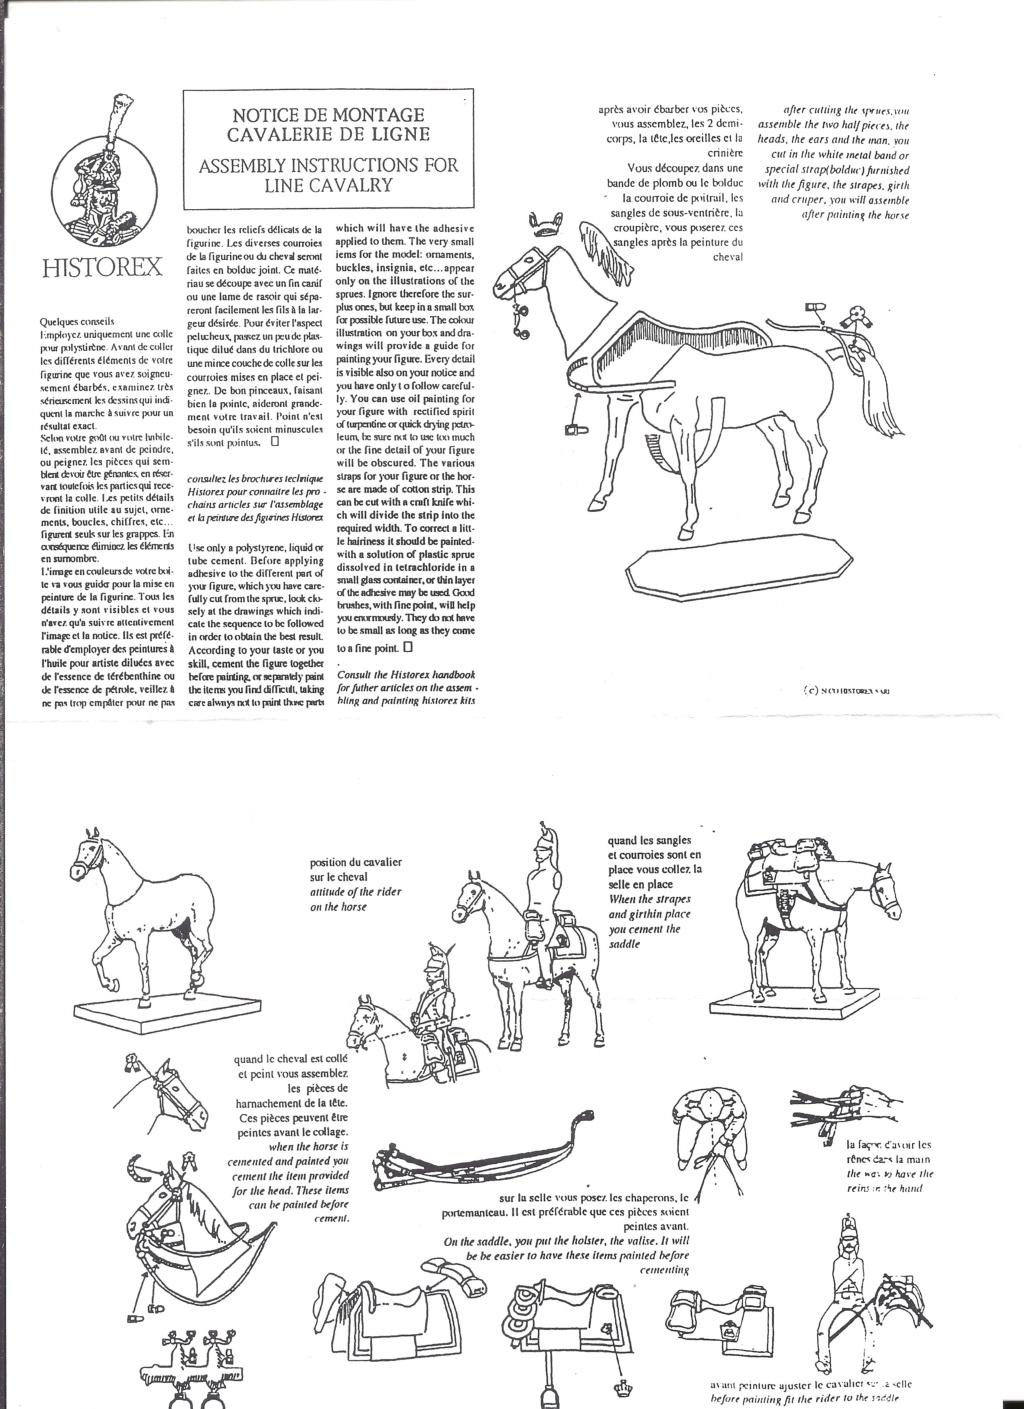 [HISTOREX] Chasseur à cheval de la Garde Impérial 1804 - 1815 1/30ème Réf 30010 Notice Histo155